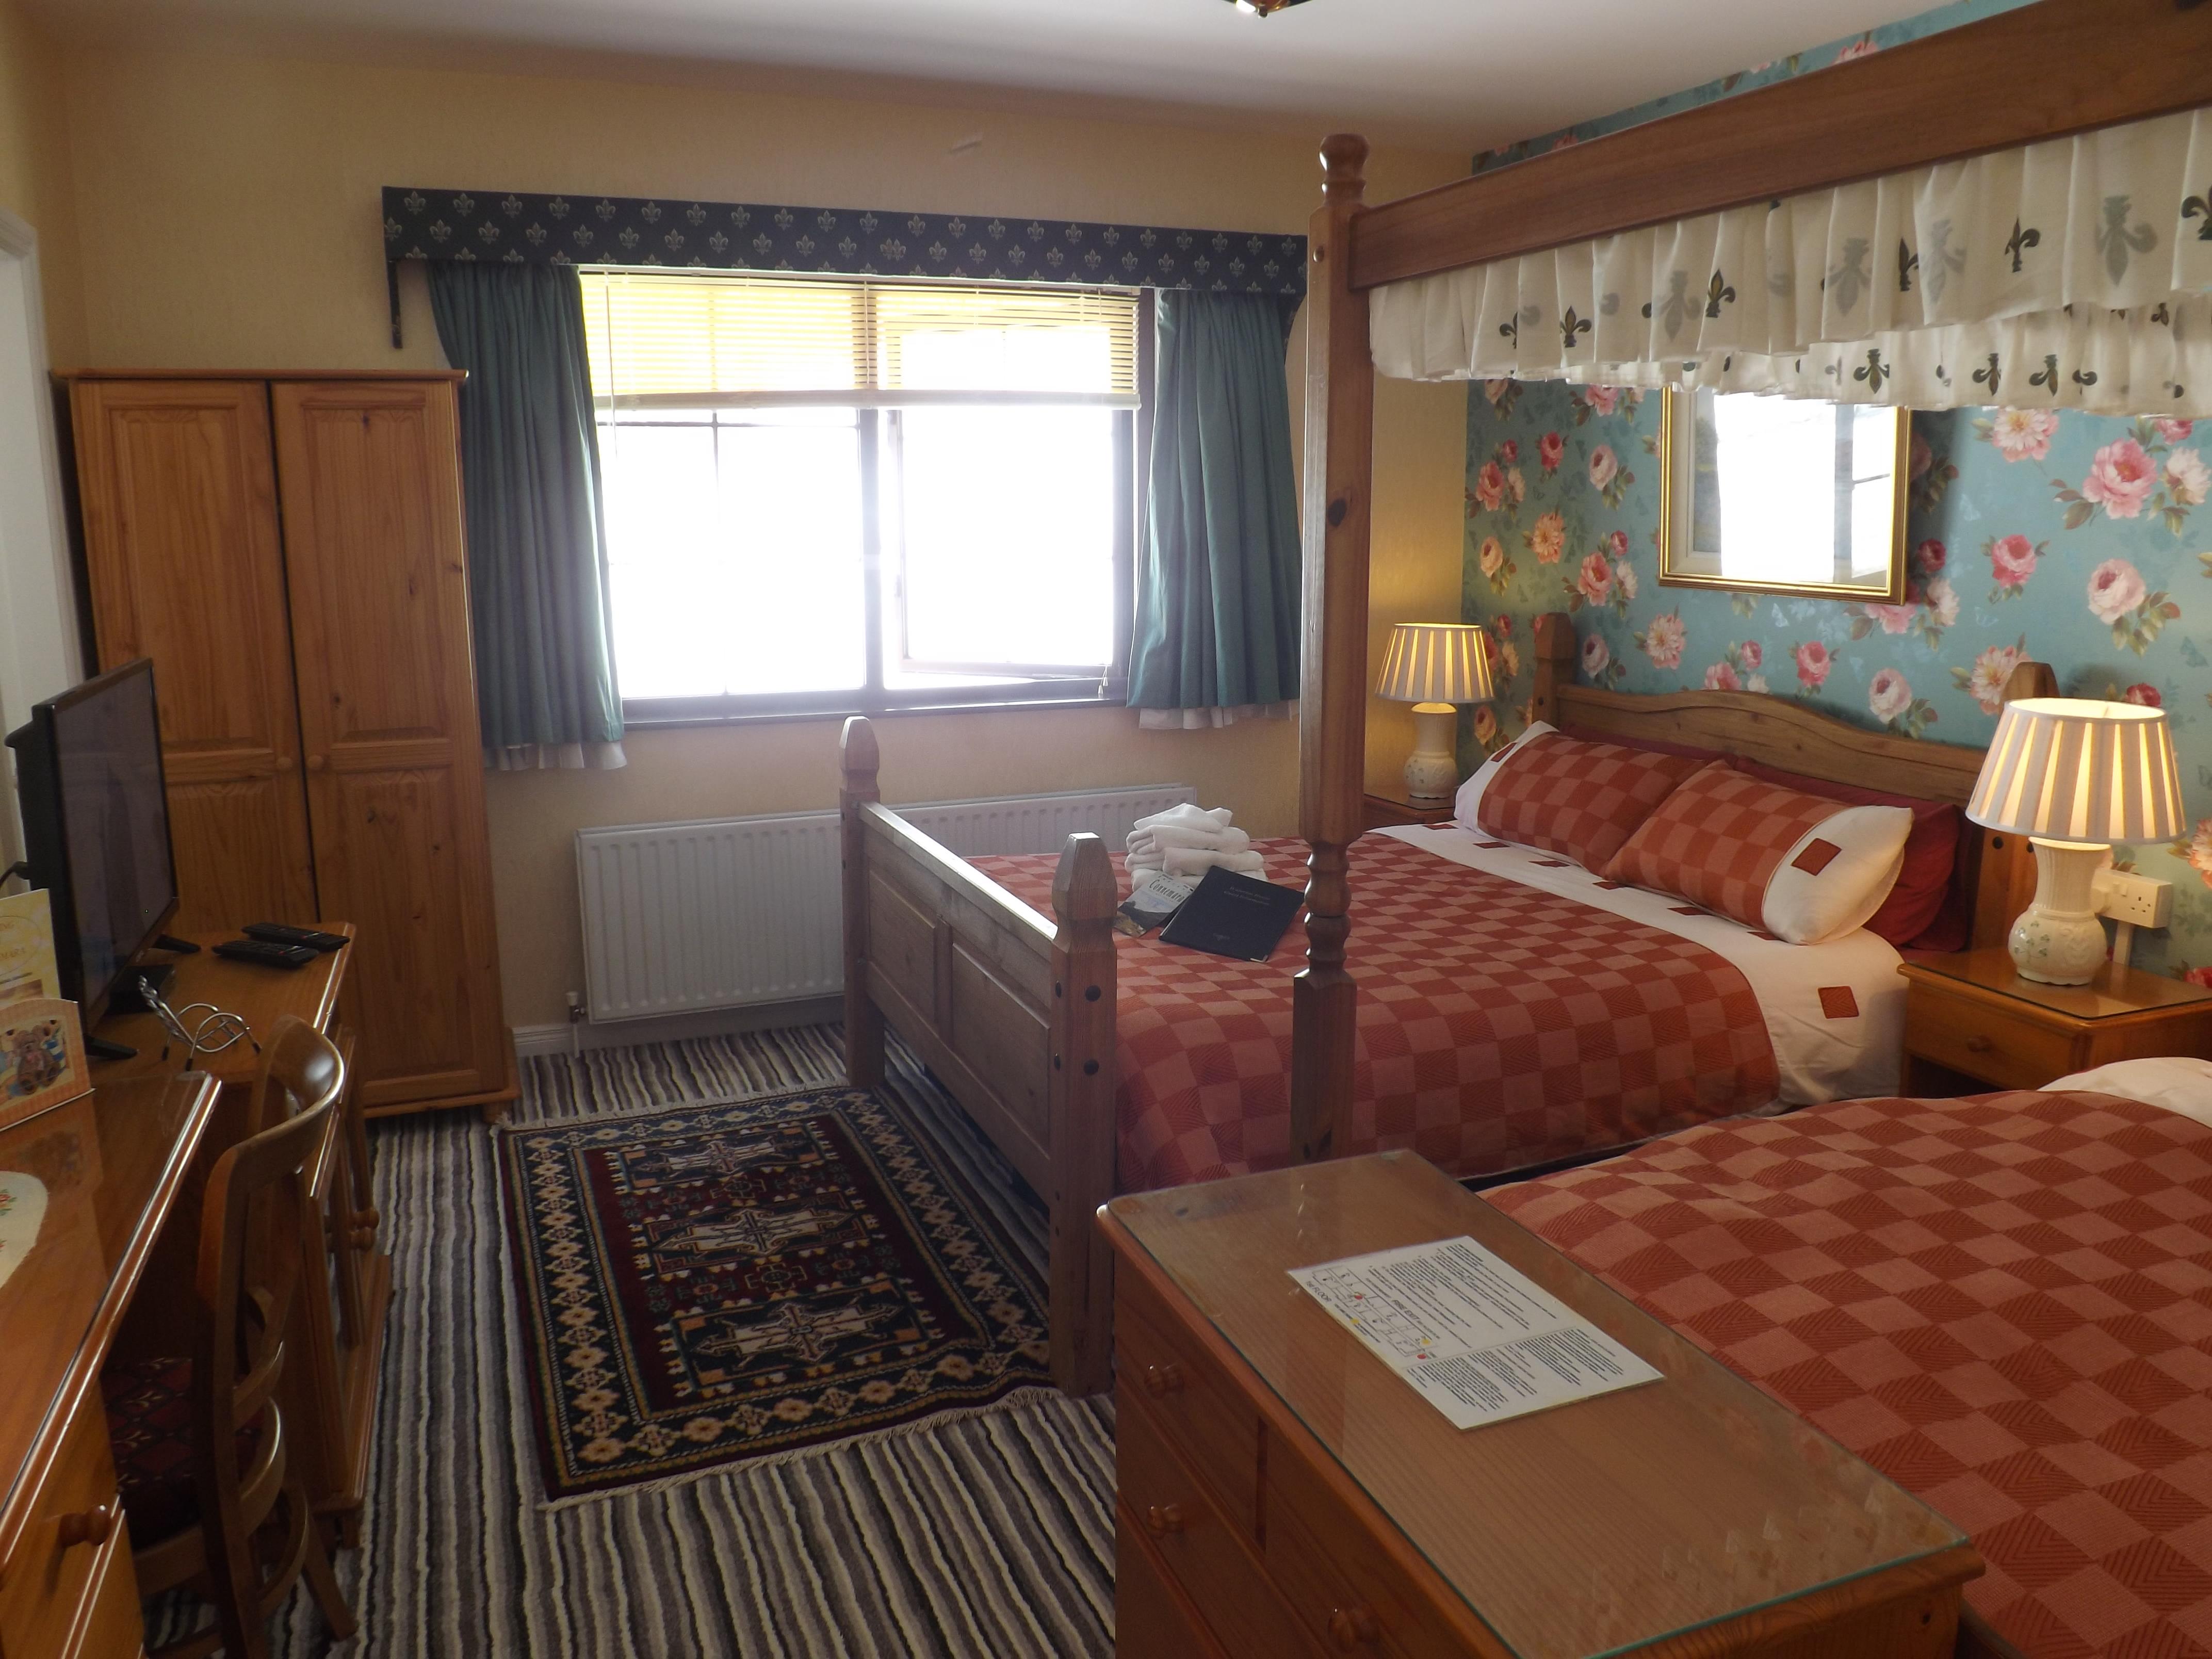 Queen Twin bedded room